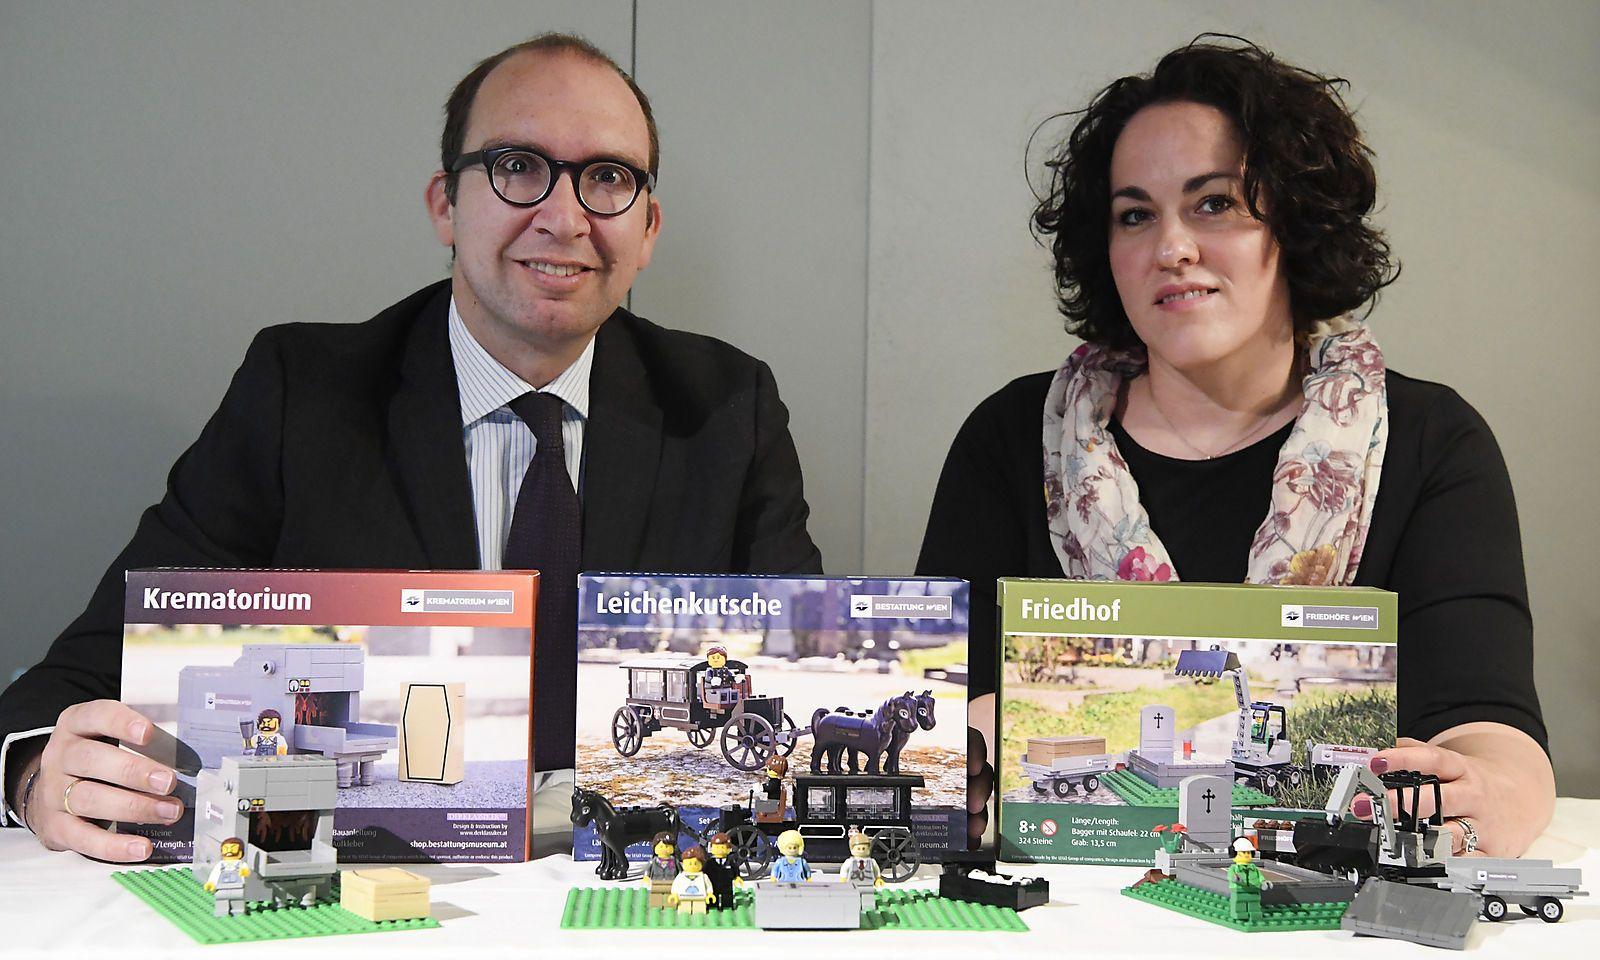 Markus Pinter, Geschäftsführer der Bestattung und Friedhöfe GmbH und Michaela Tomek (Wiener Landesverband für Psychotherapie)